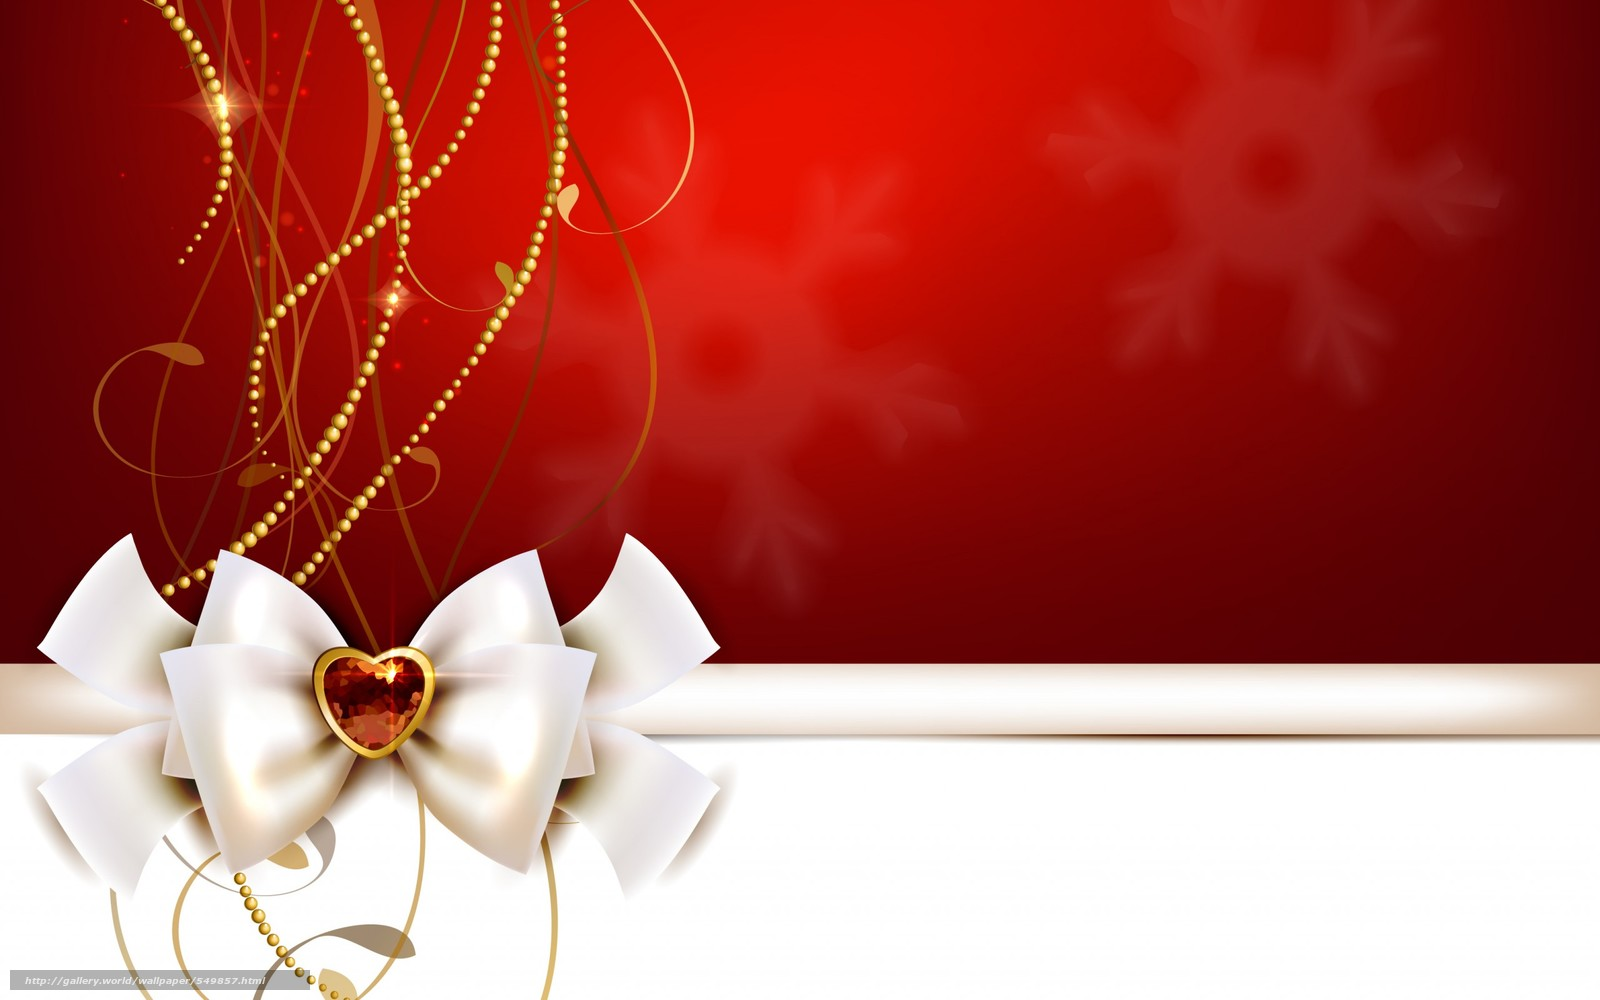 壁紙をダウンロード 陽気な, クリスマス, ハッピー, 祝日 デスクトップの解像度のための無料壁紙 ...